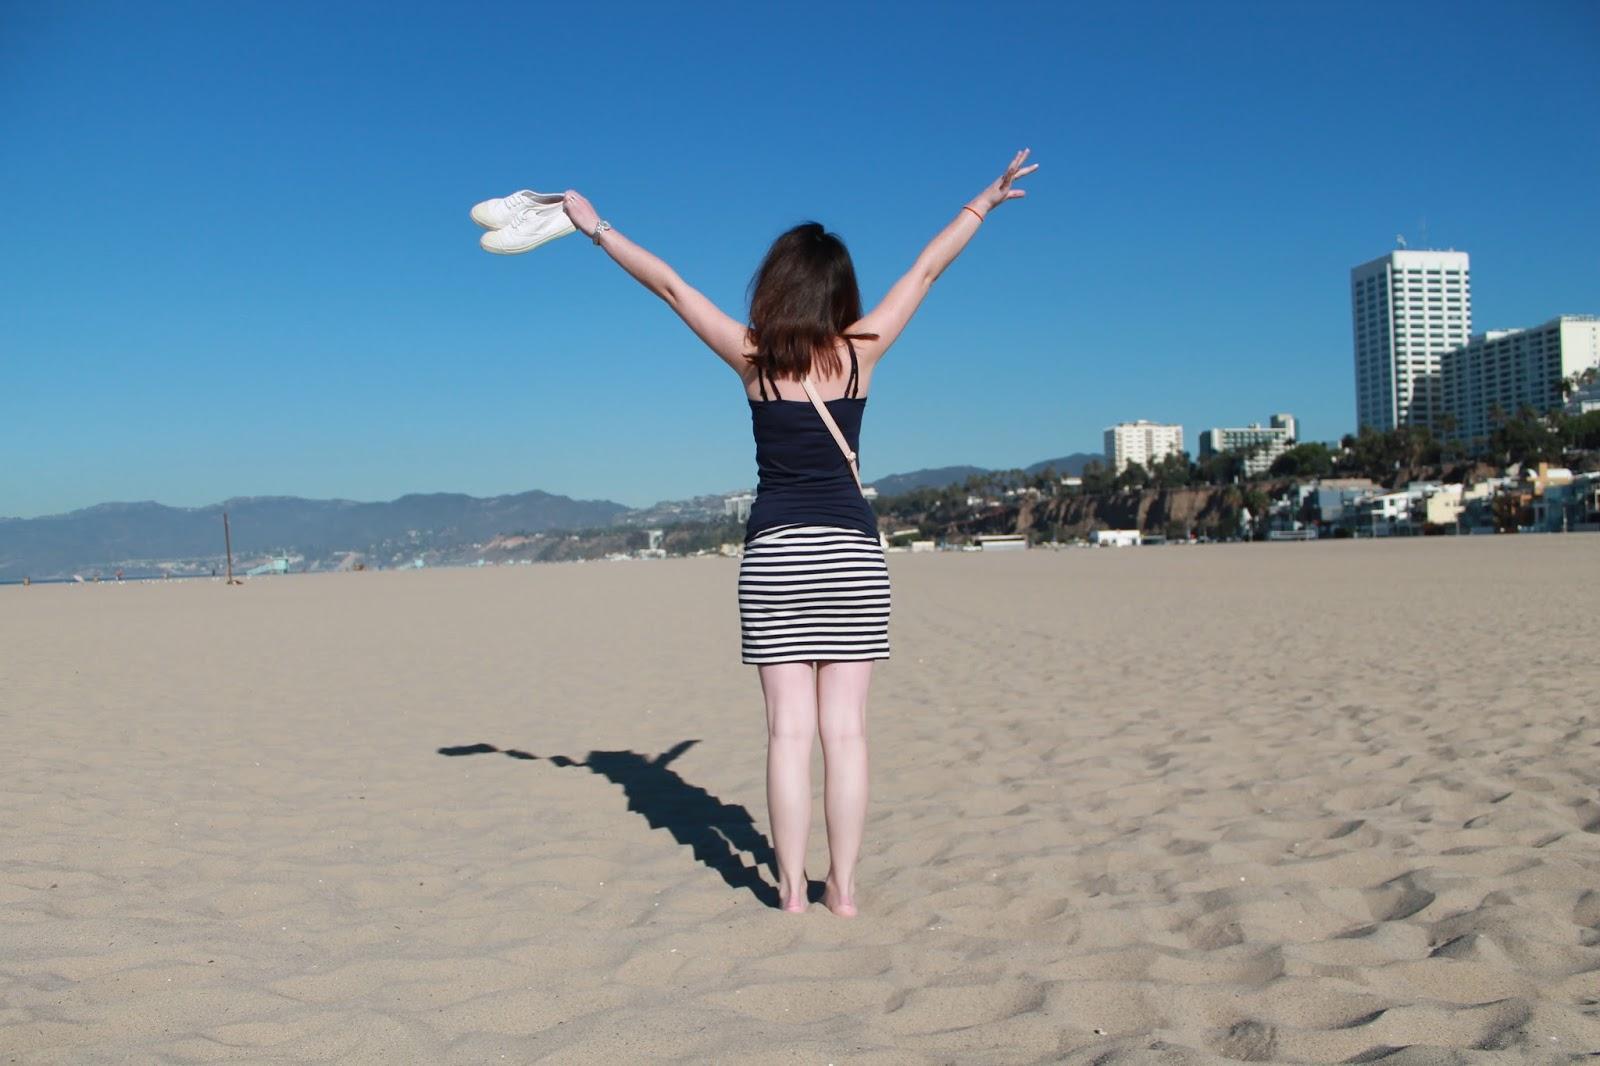 USA états unis amérique vacance transat roadtrip ouest américain plage santa monica